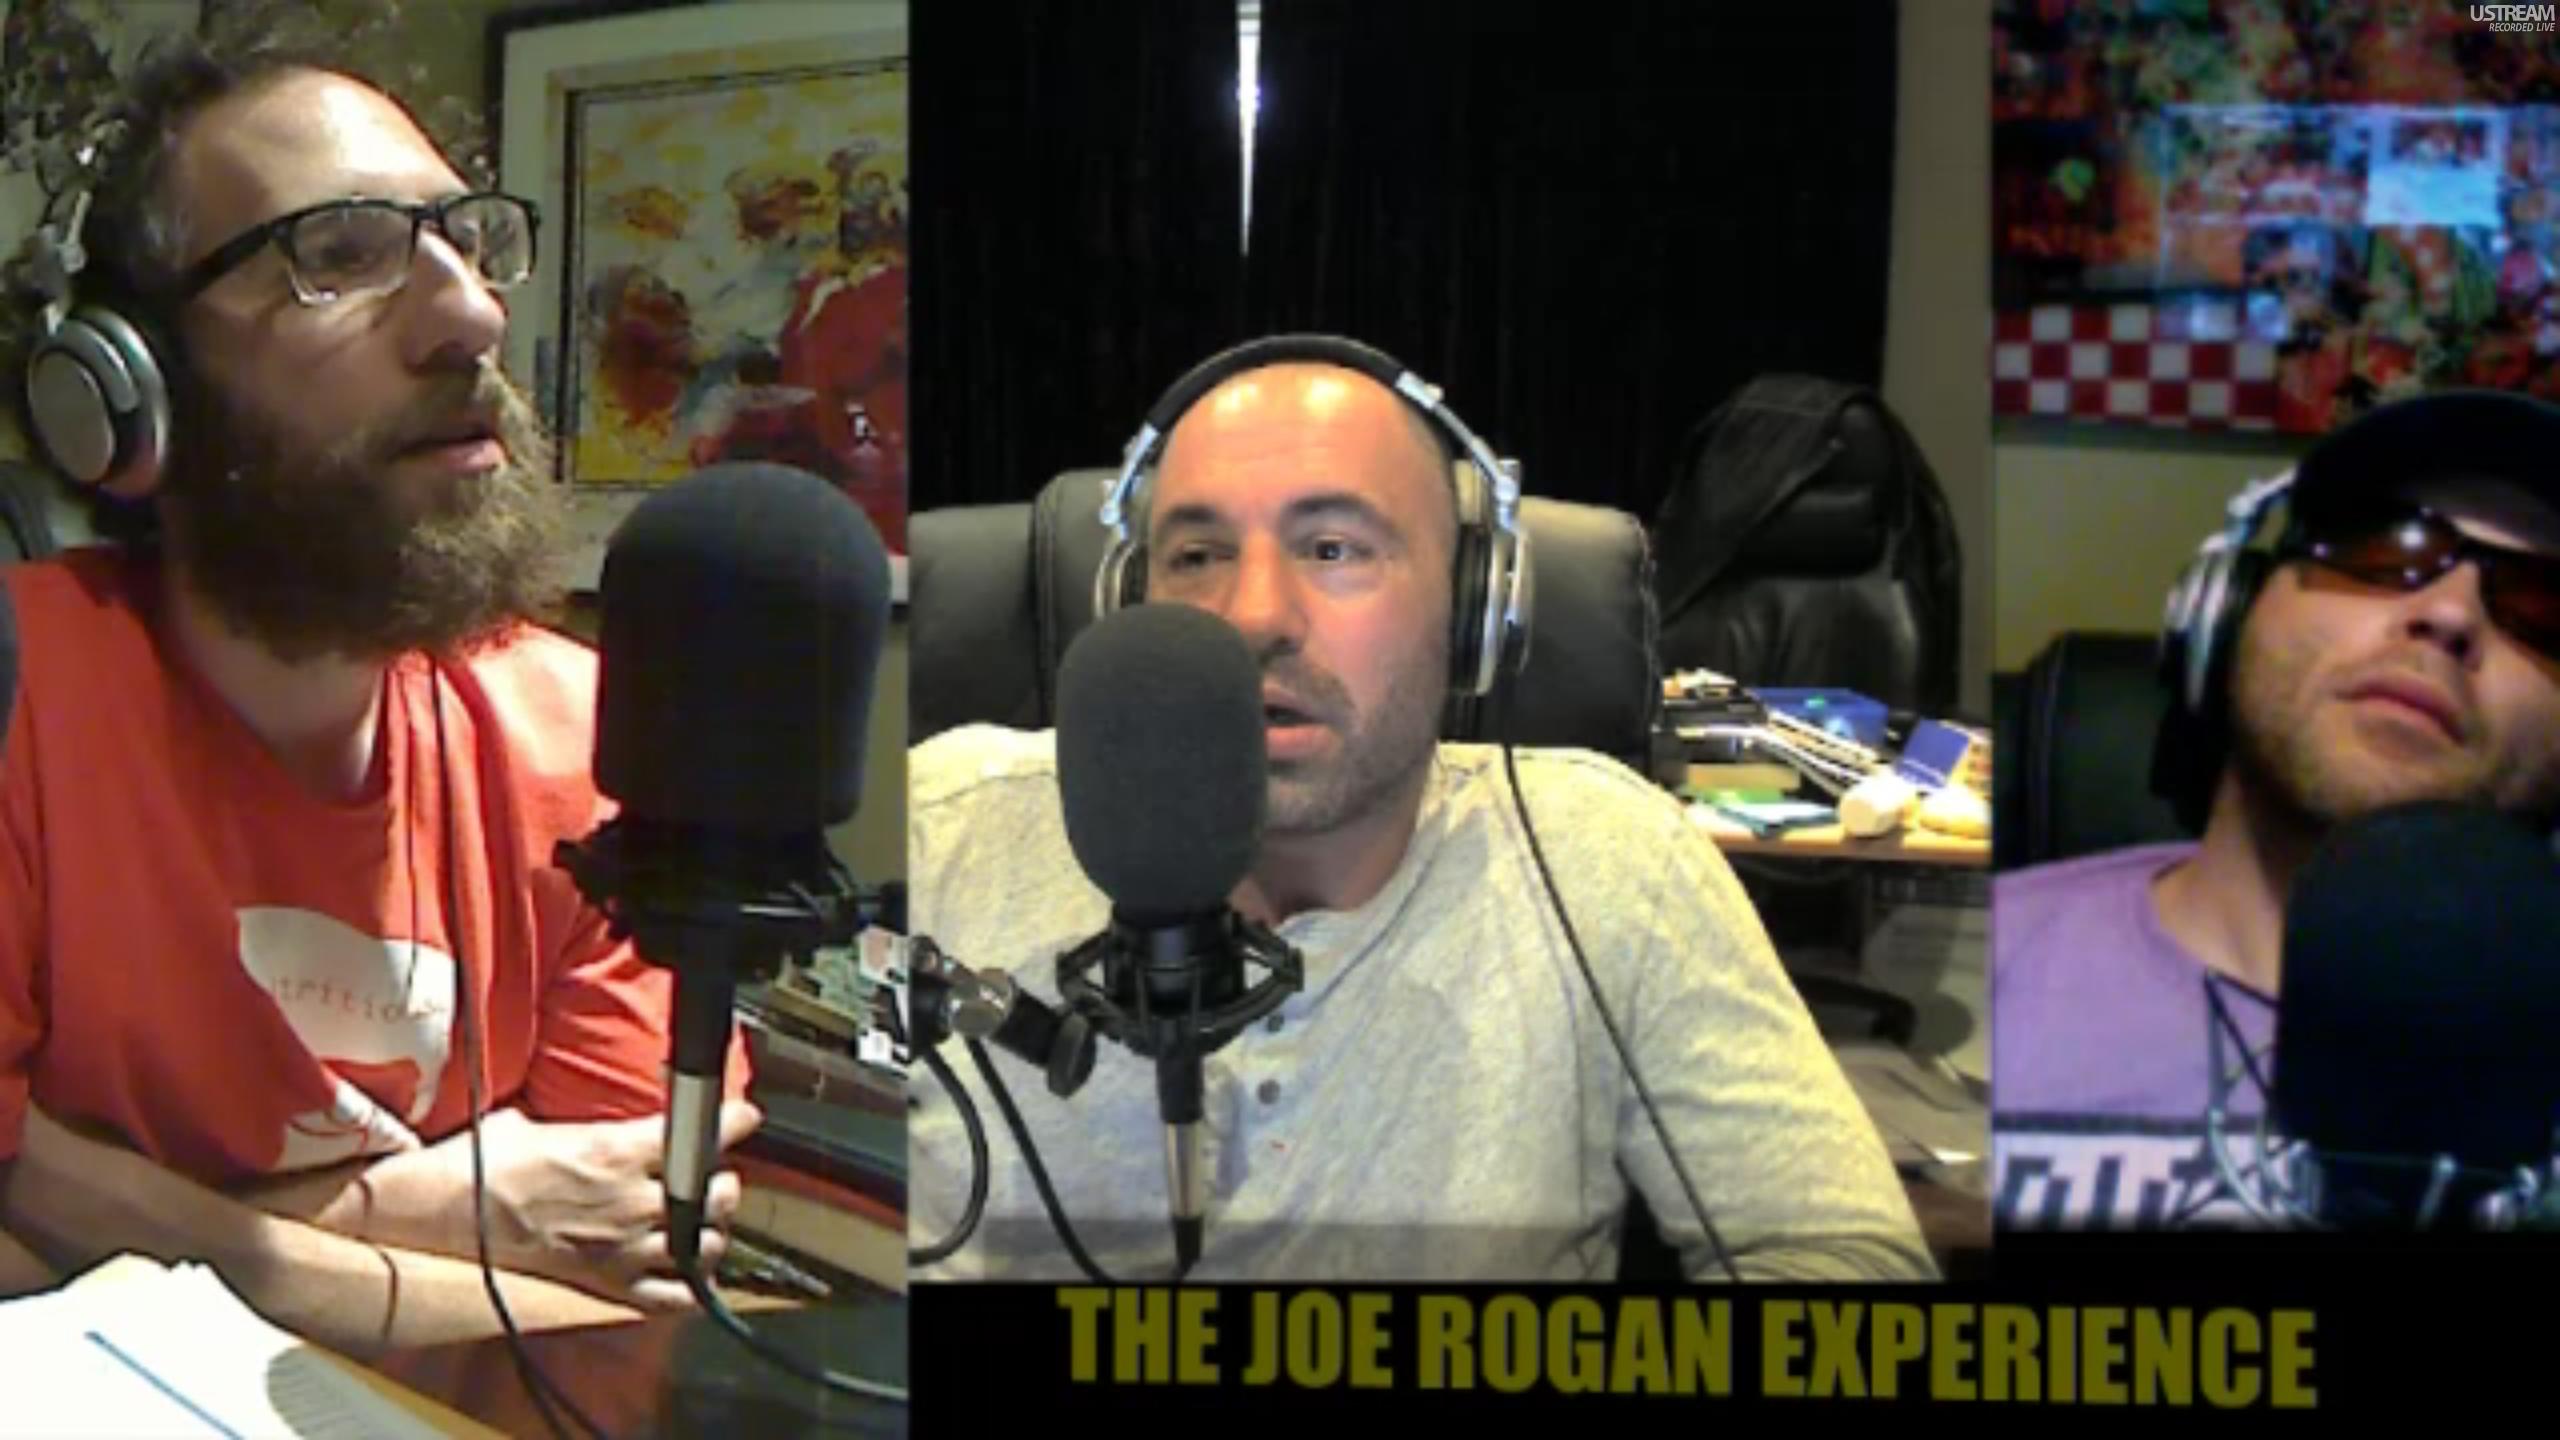 The Joe Rogan Experience #227 - Ari Shaffir, Brian Redban